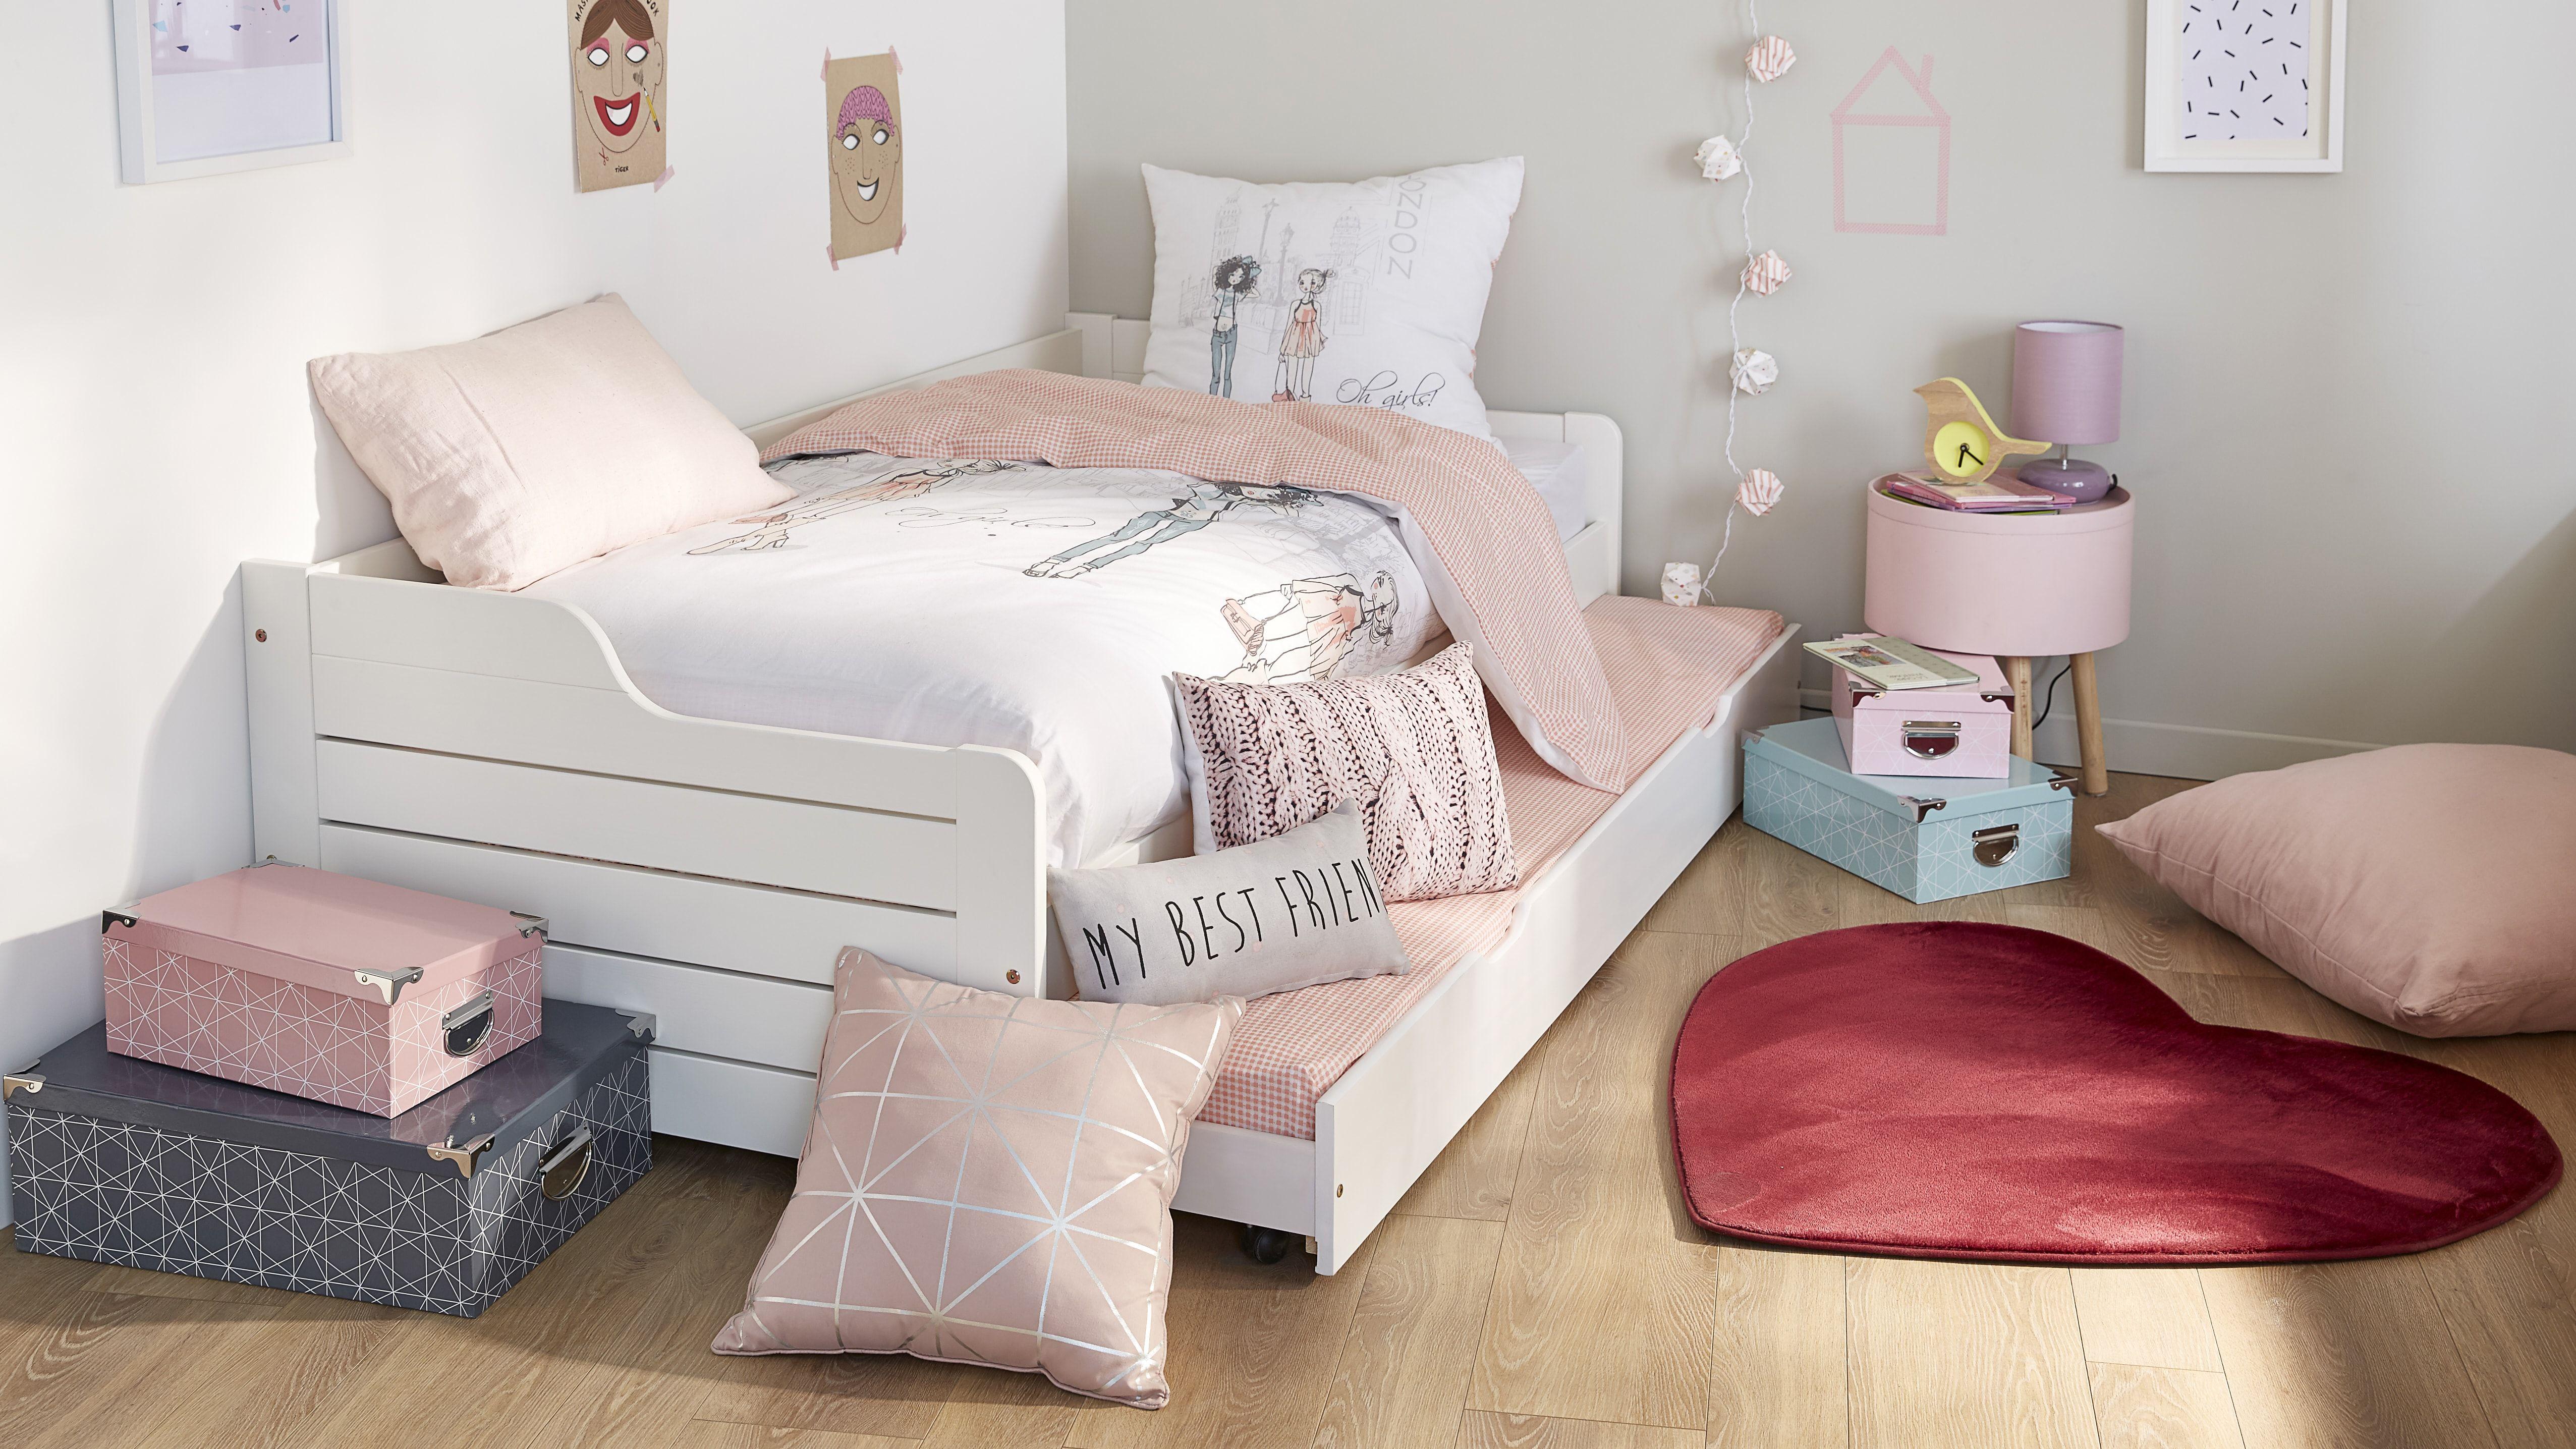 Chambre pour fille - Alinéa  Etagere chambre enfant, Idée chambre